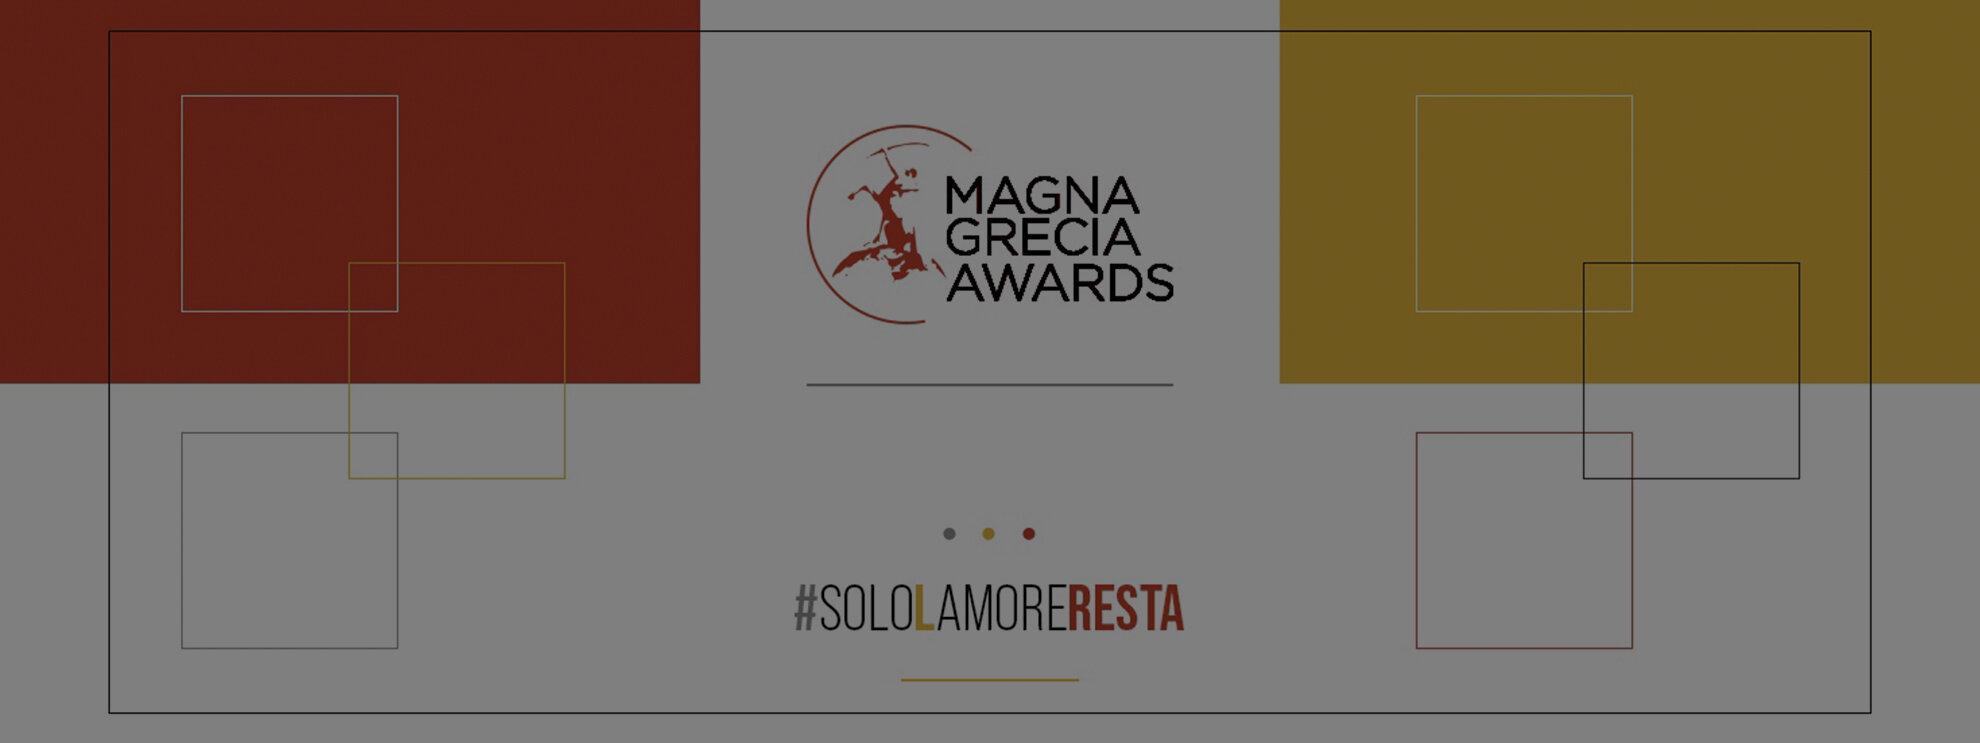 Magna Grecia Awards - Progettazione immagine coordinata